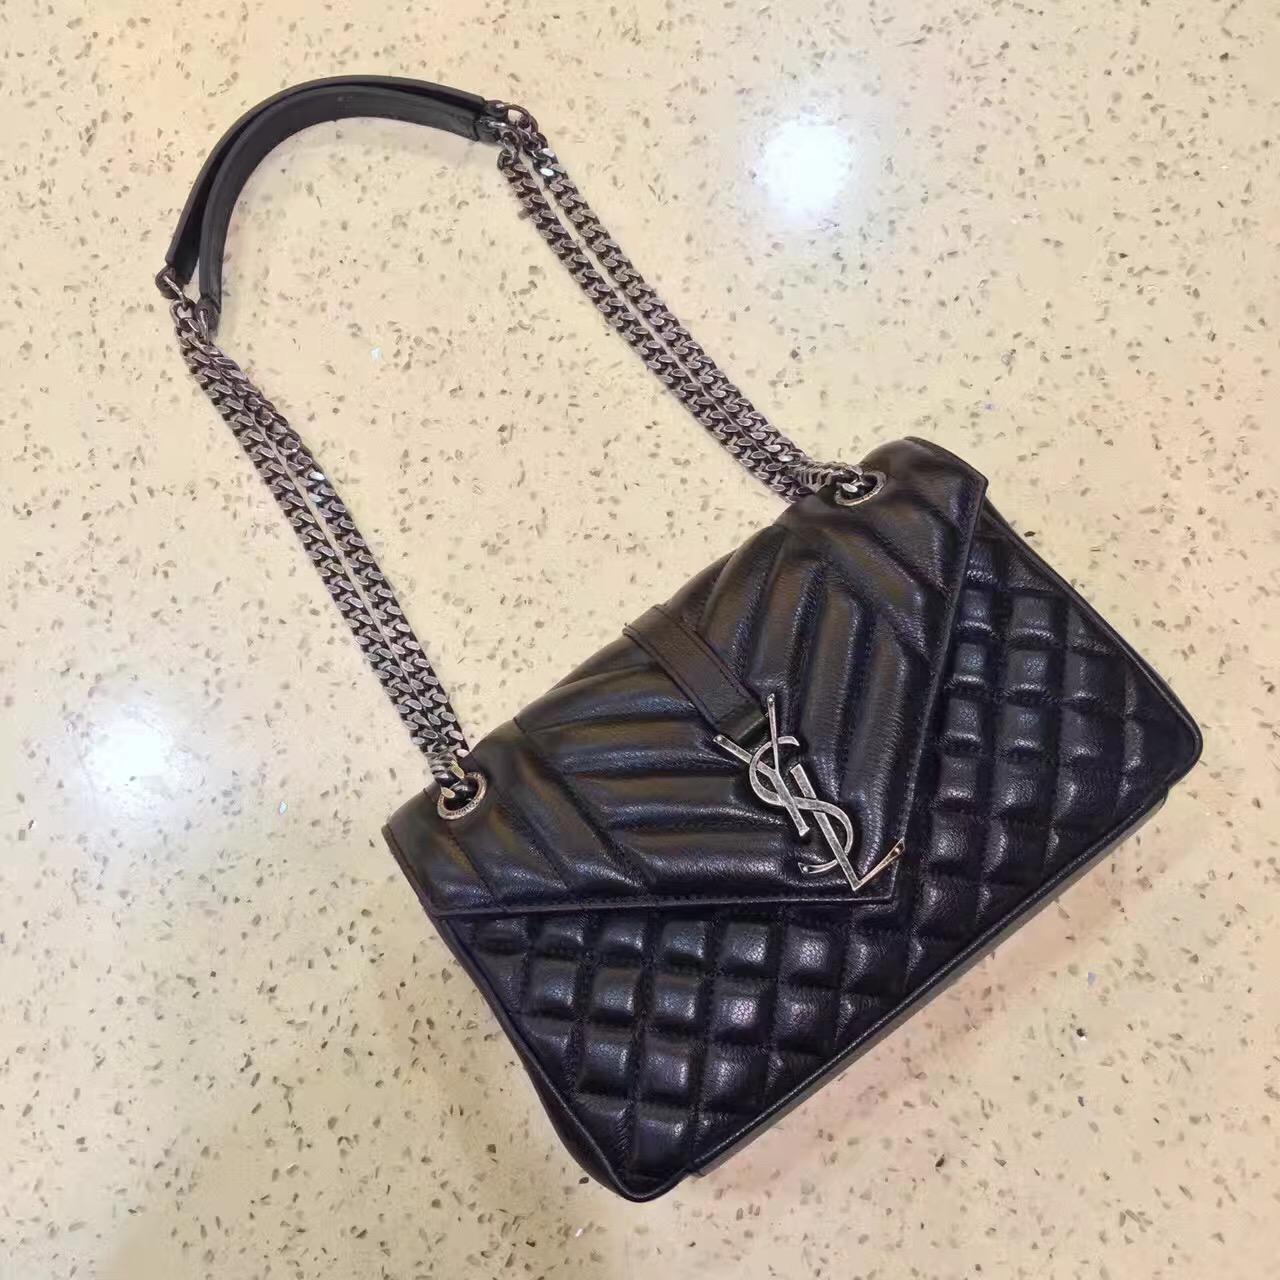 4d672809aa51 Top Quality YSL Envelope Shoulder Bag 23cm Black